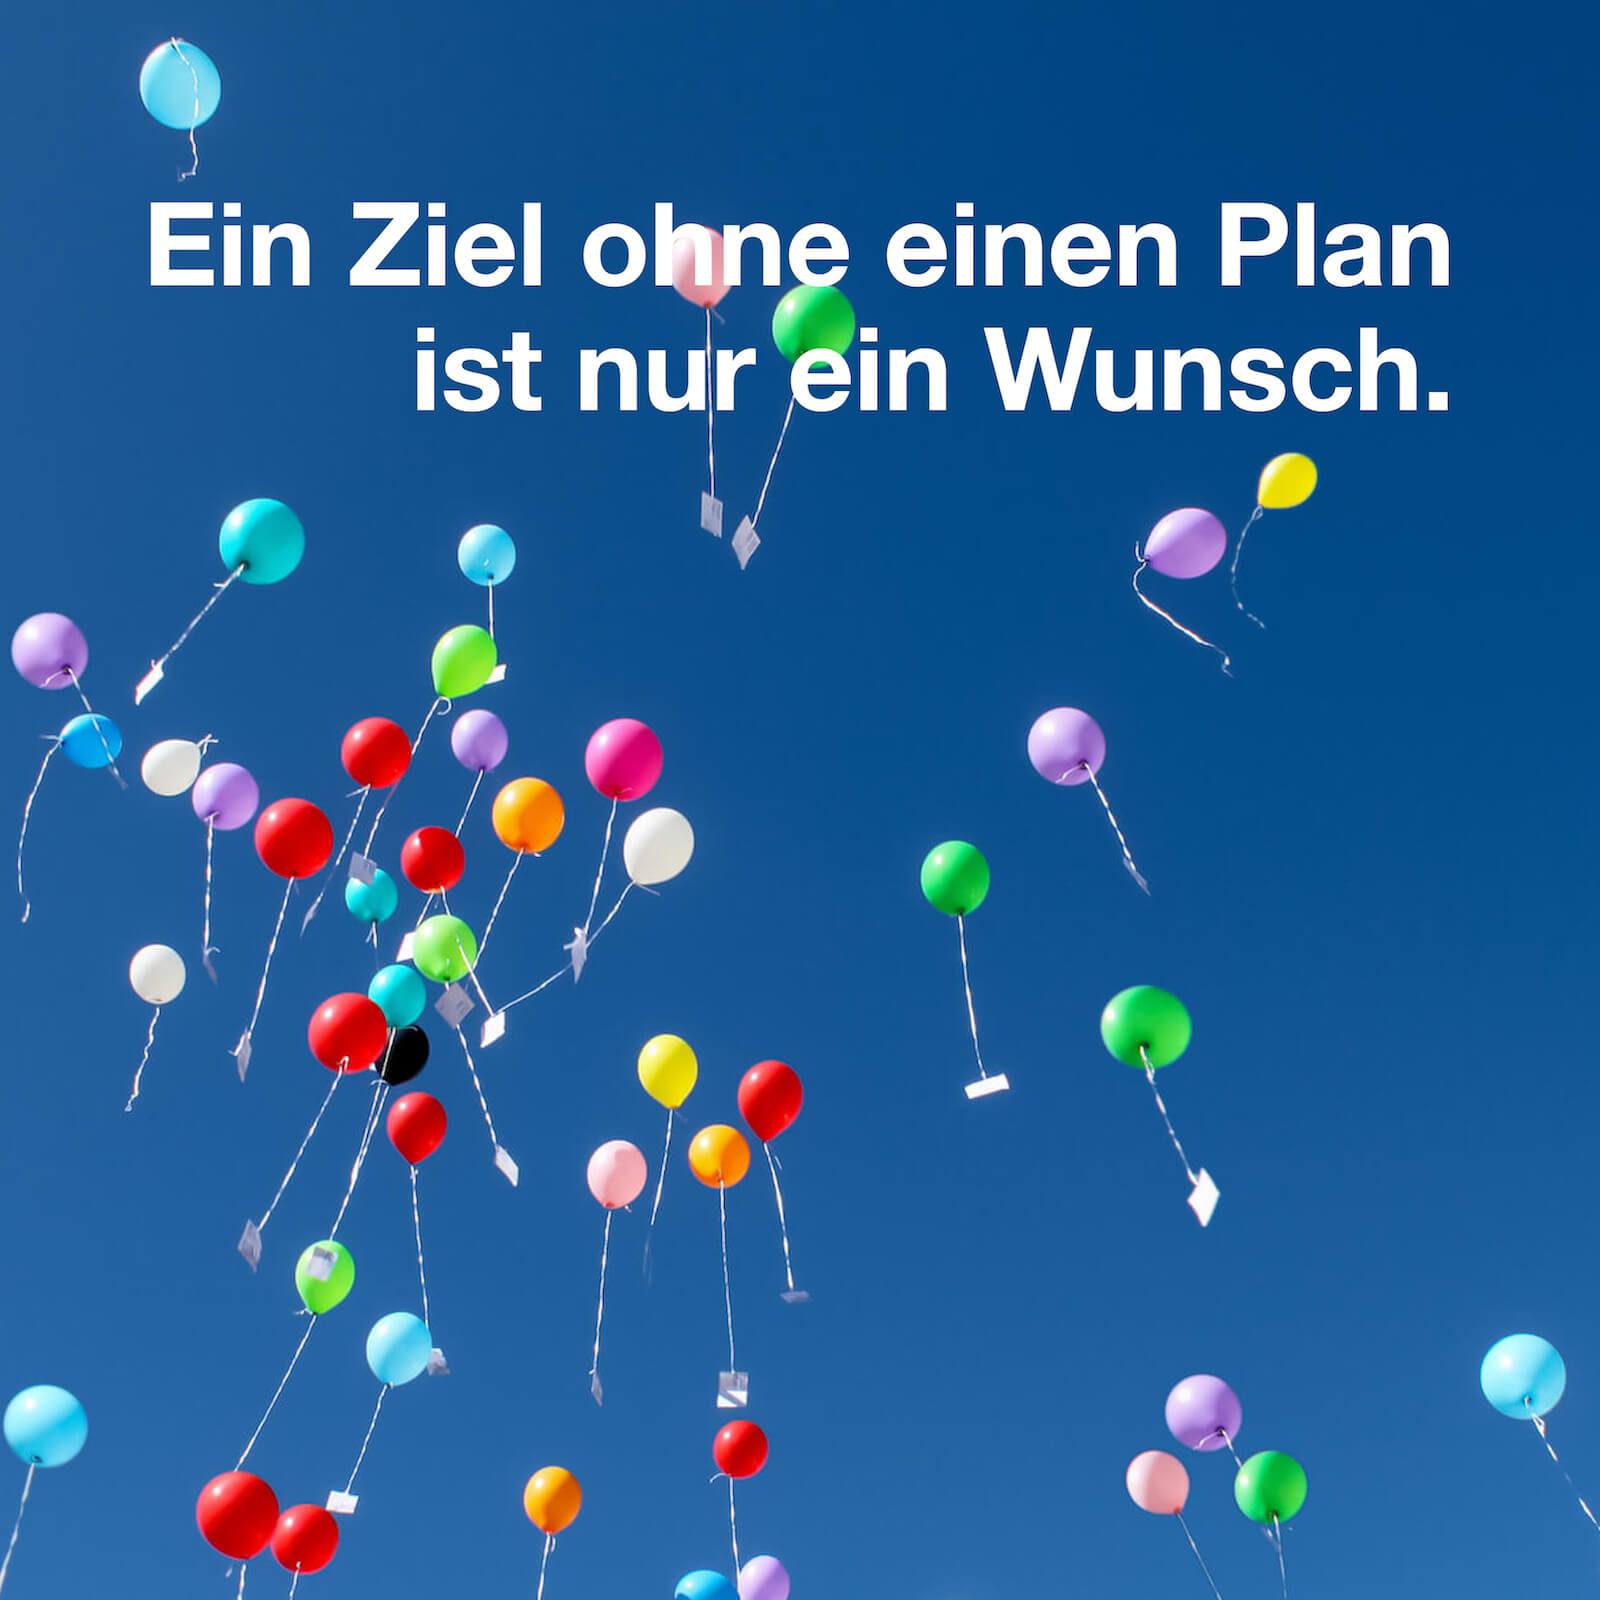 Ein Ziel ohnen einen Plan ist nur ein Wunsch.